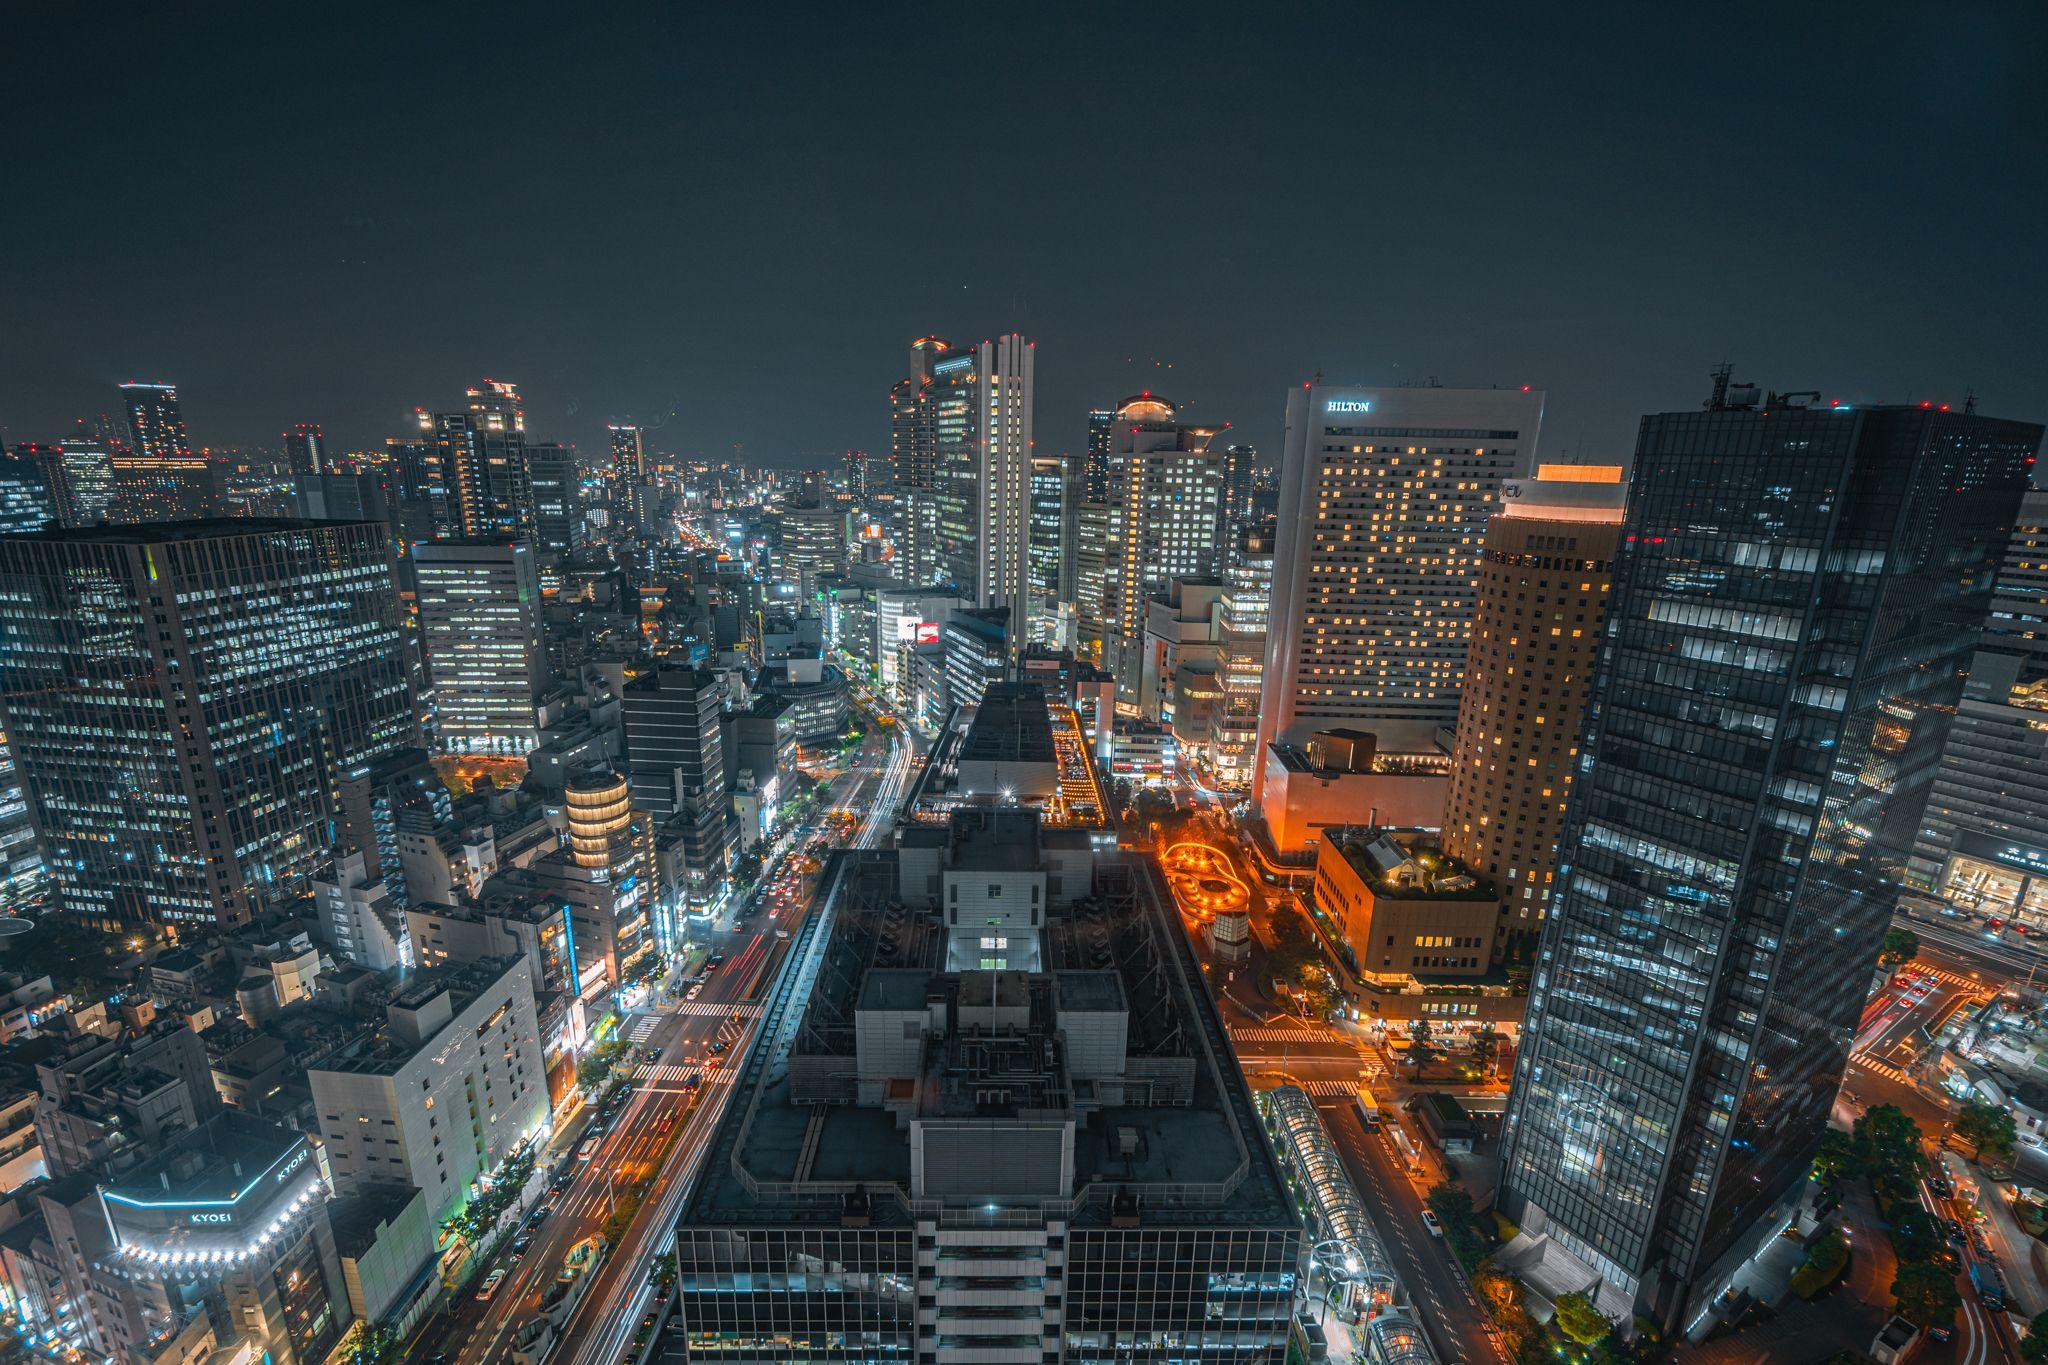 夜景の撮り方 綺麗に撮る方法 カメラの設定やポイント Photo Journal Press 2020 夜景 カメラの設定 風景